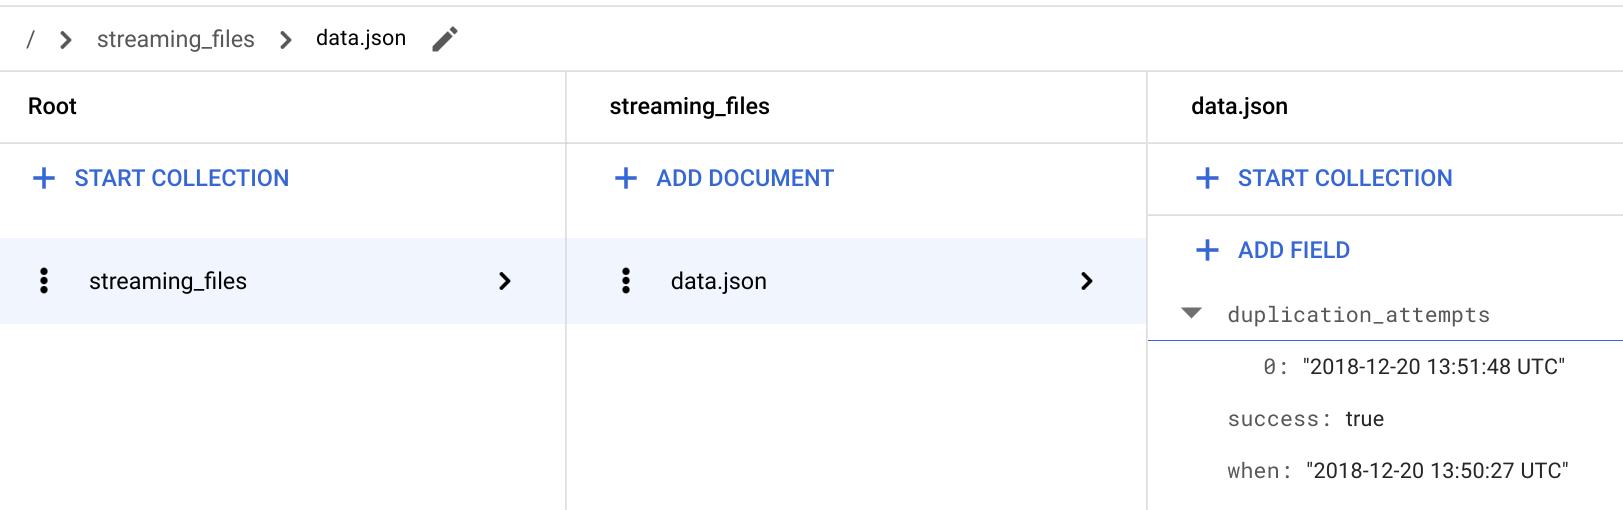 """Verifica que la función """"streaming"""" almacene """"duplication_attempts"""""""